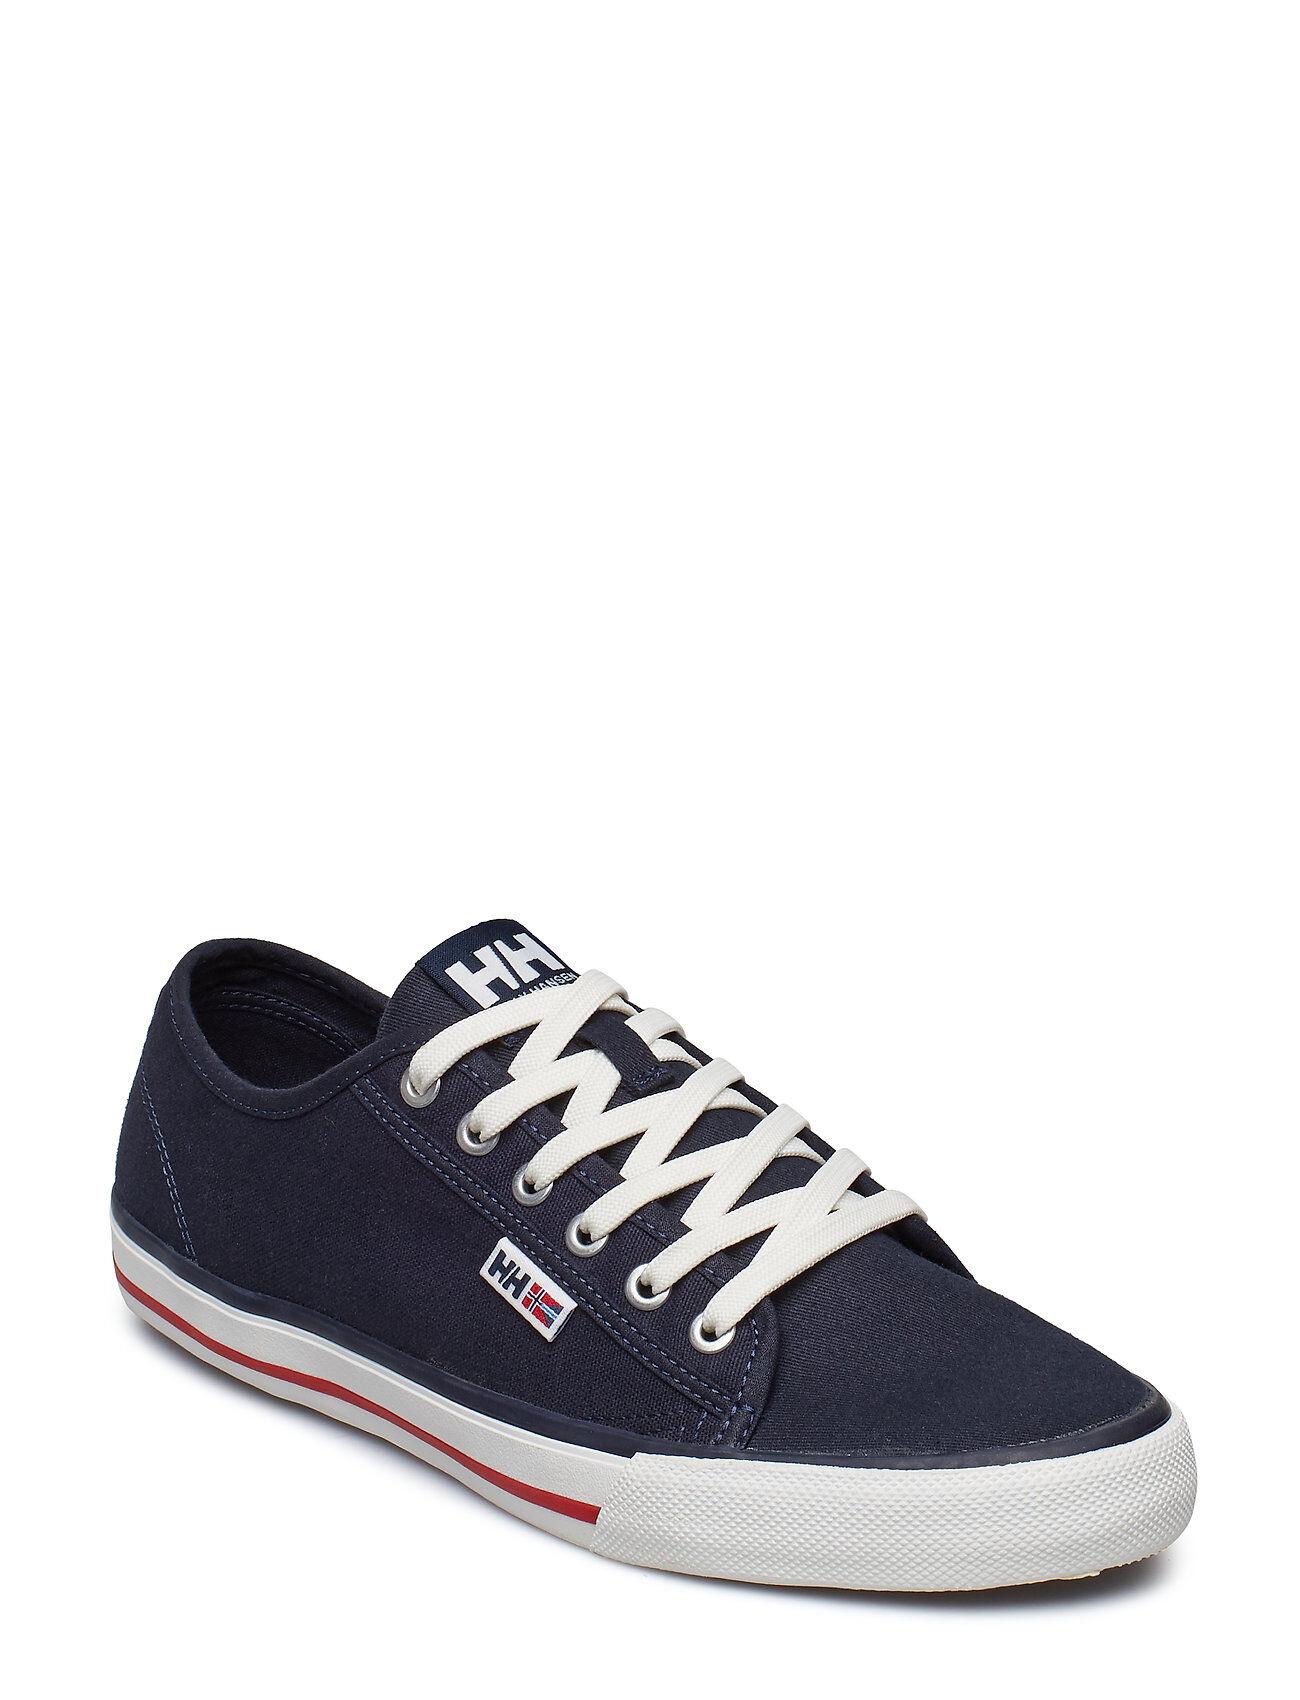 Image of Helly Hansen Fjord Canvas Shoe V2 Matalavartiset Sneakerit Tennarit Musta Helly Hansen